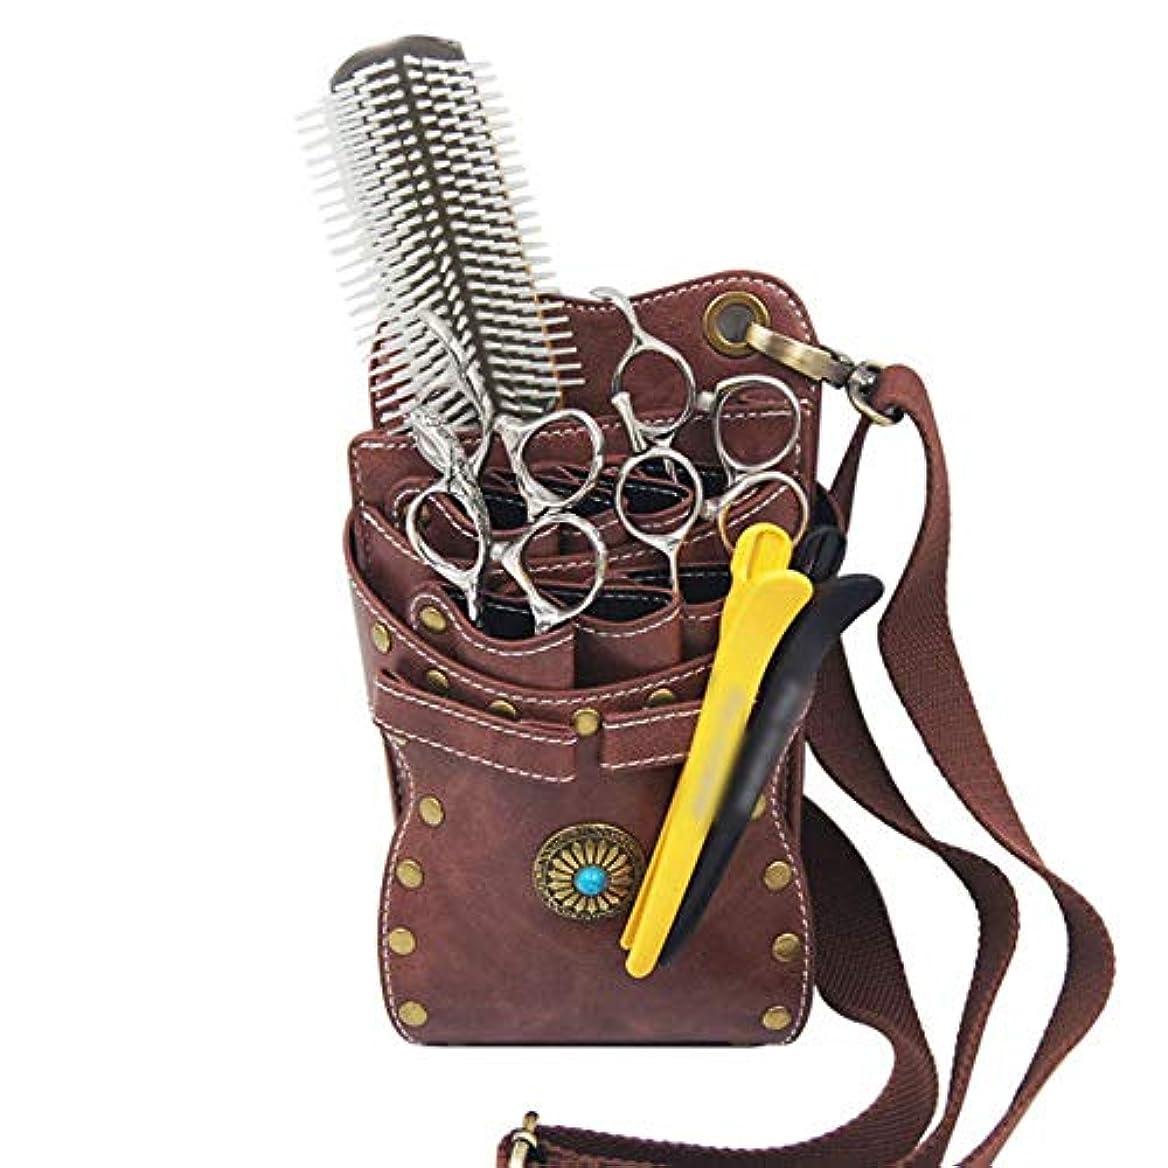 消化器代理店希少性JPAKIOS 革理髪はさみホルダー、ベルト付き美容院はさみケースバッグ美容院ツールバッグ (色 : ブラウン)